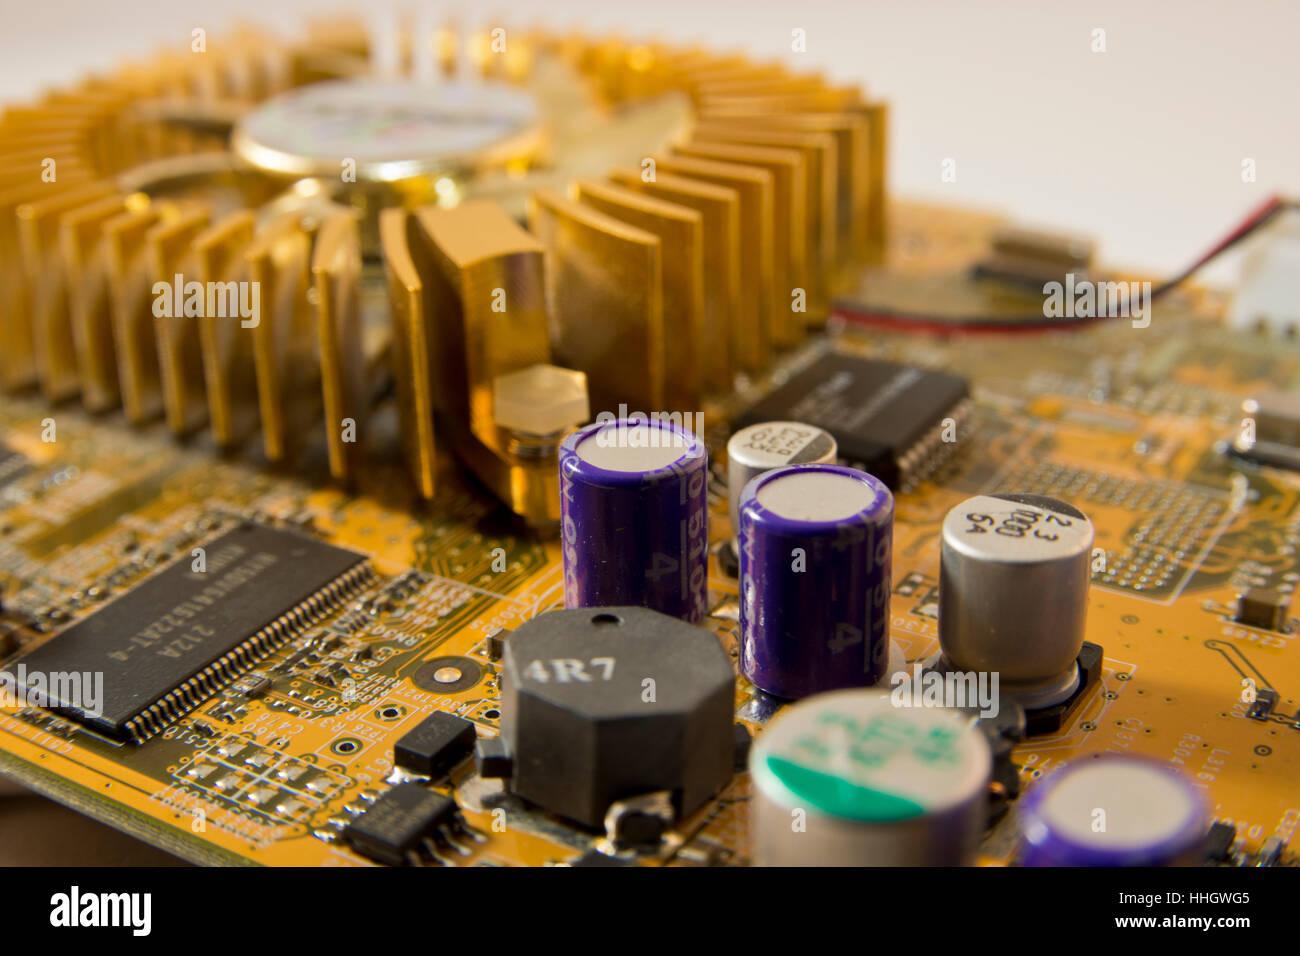 Printed Circuit Board Capacitor Resistors Graphics Card Graphic